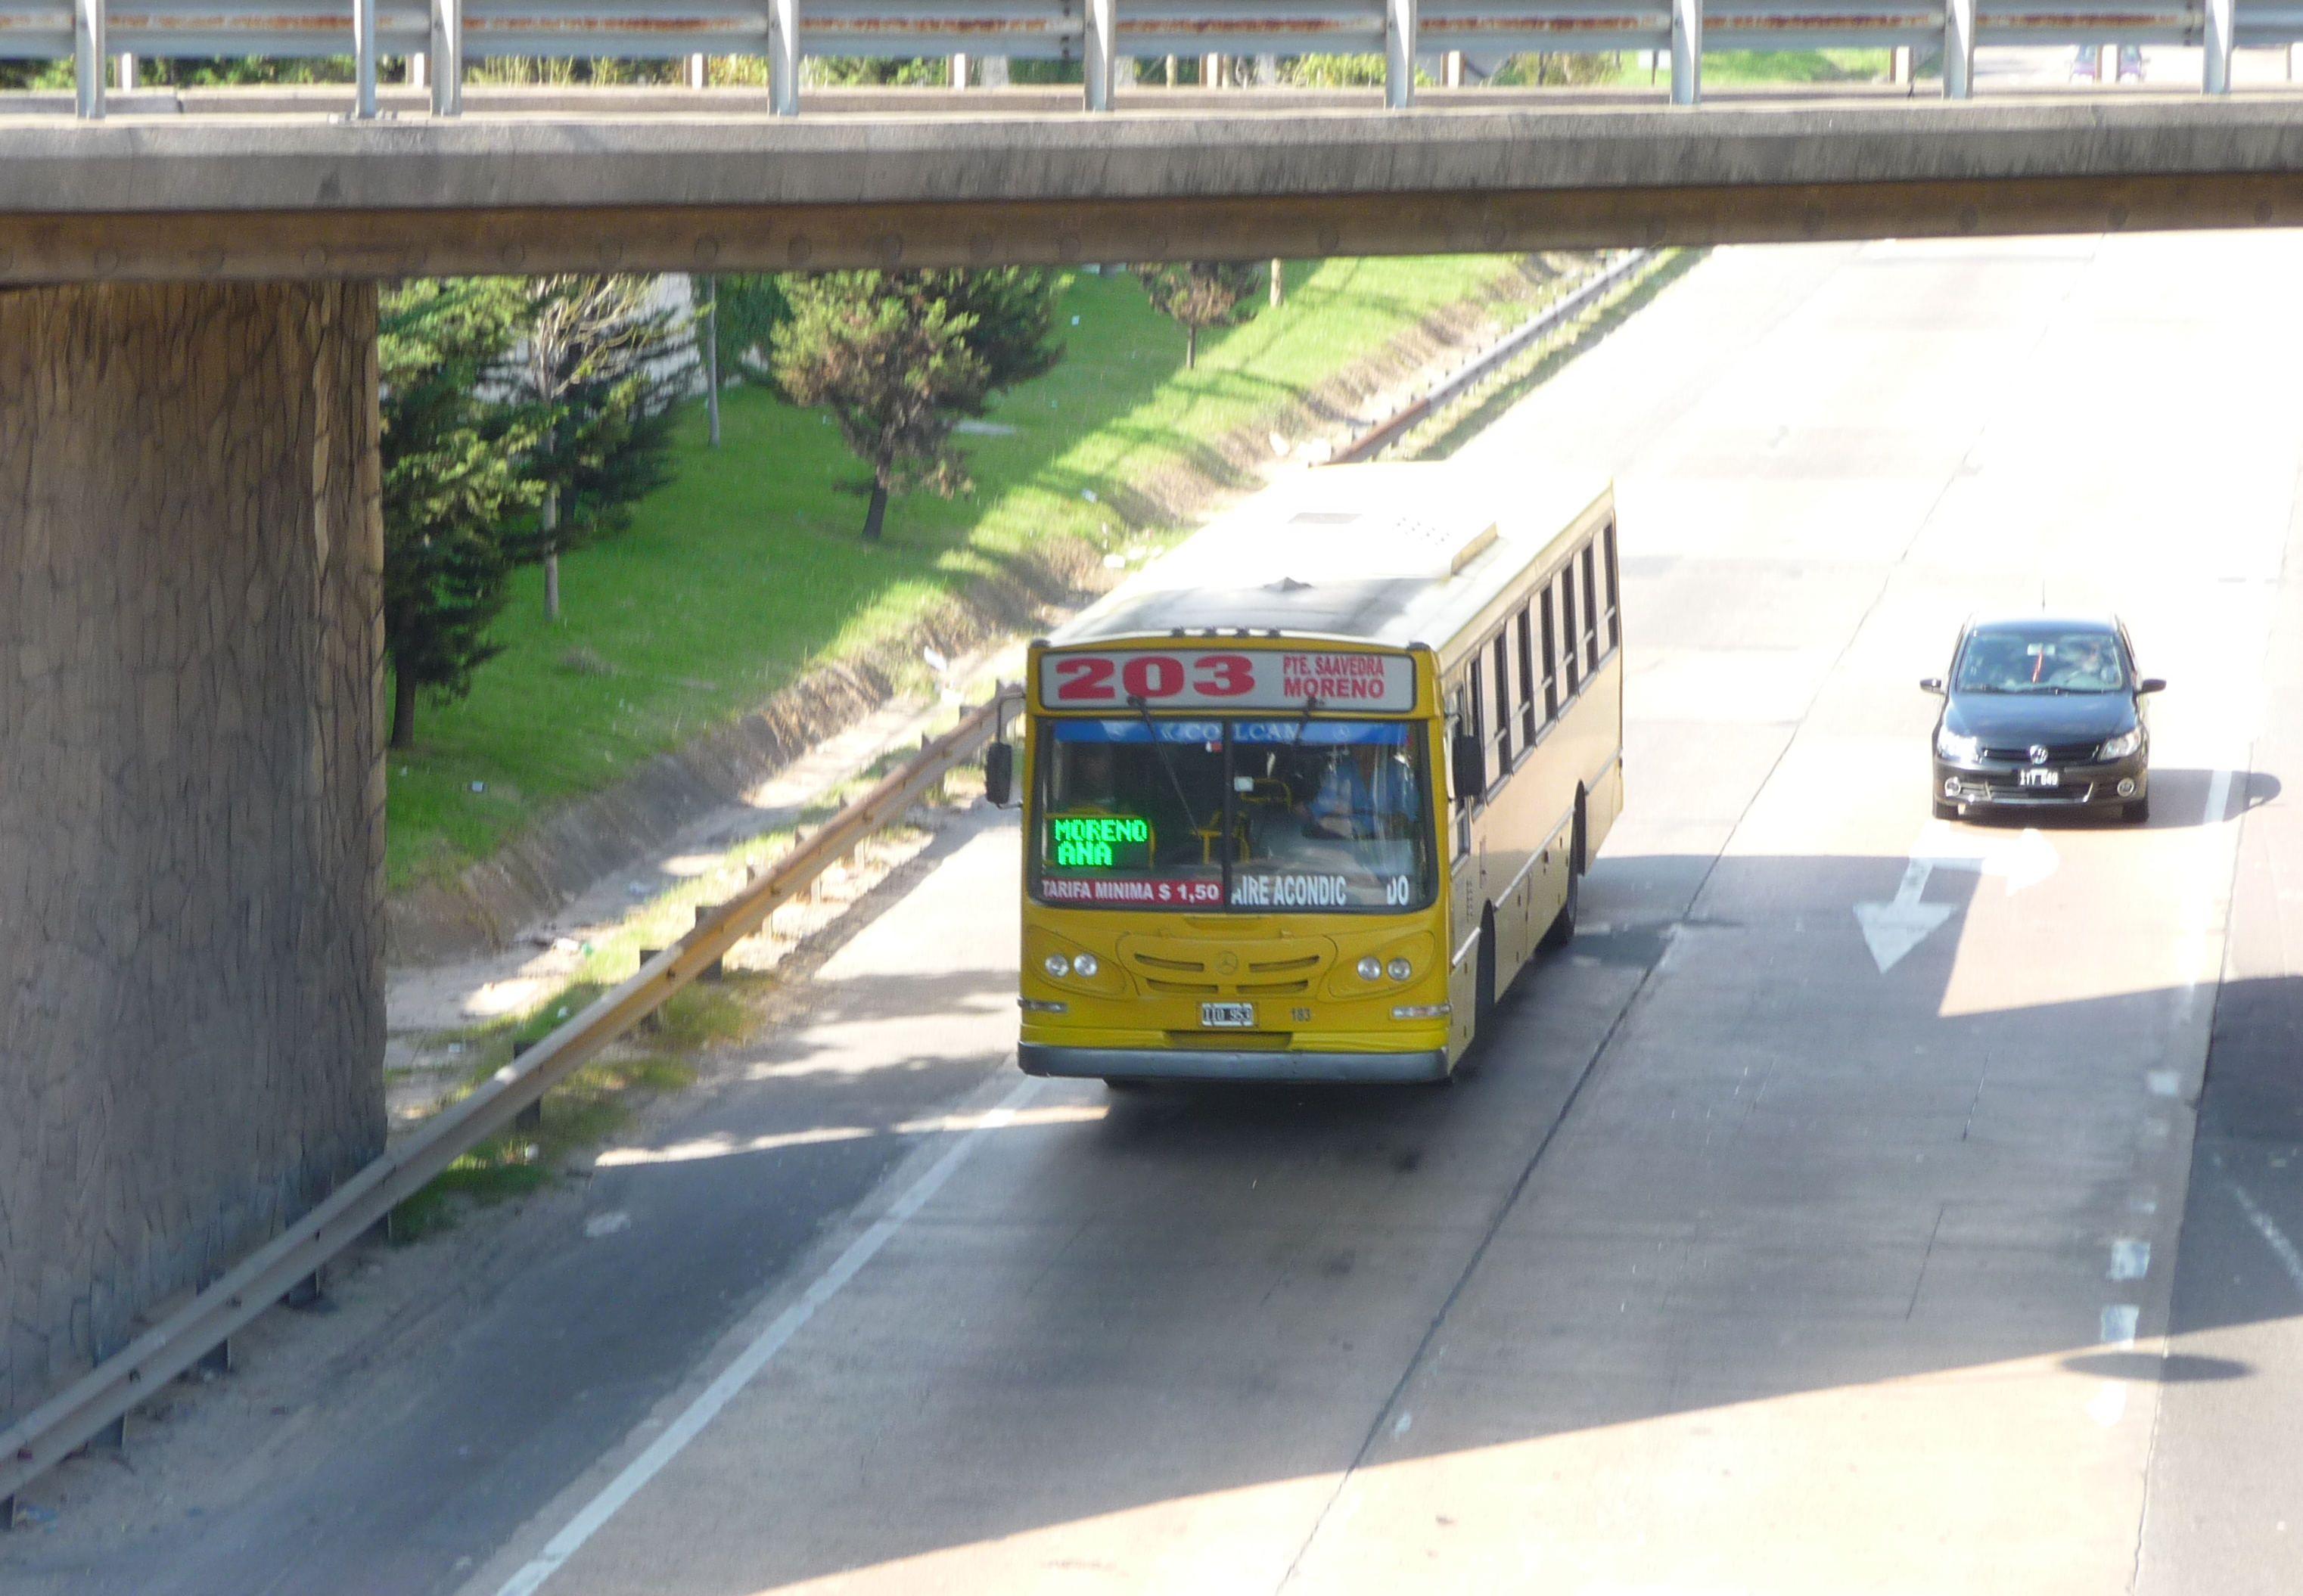 Conflicto en la línea 203 deja a miles de pasajeros sin colectivos